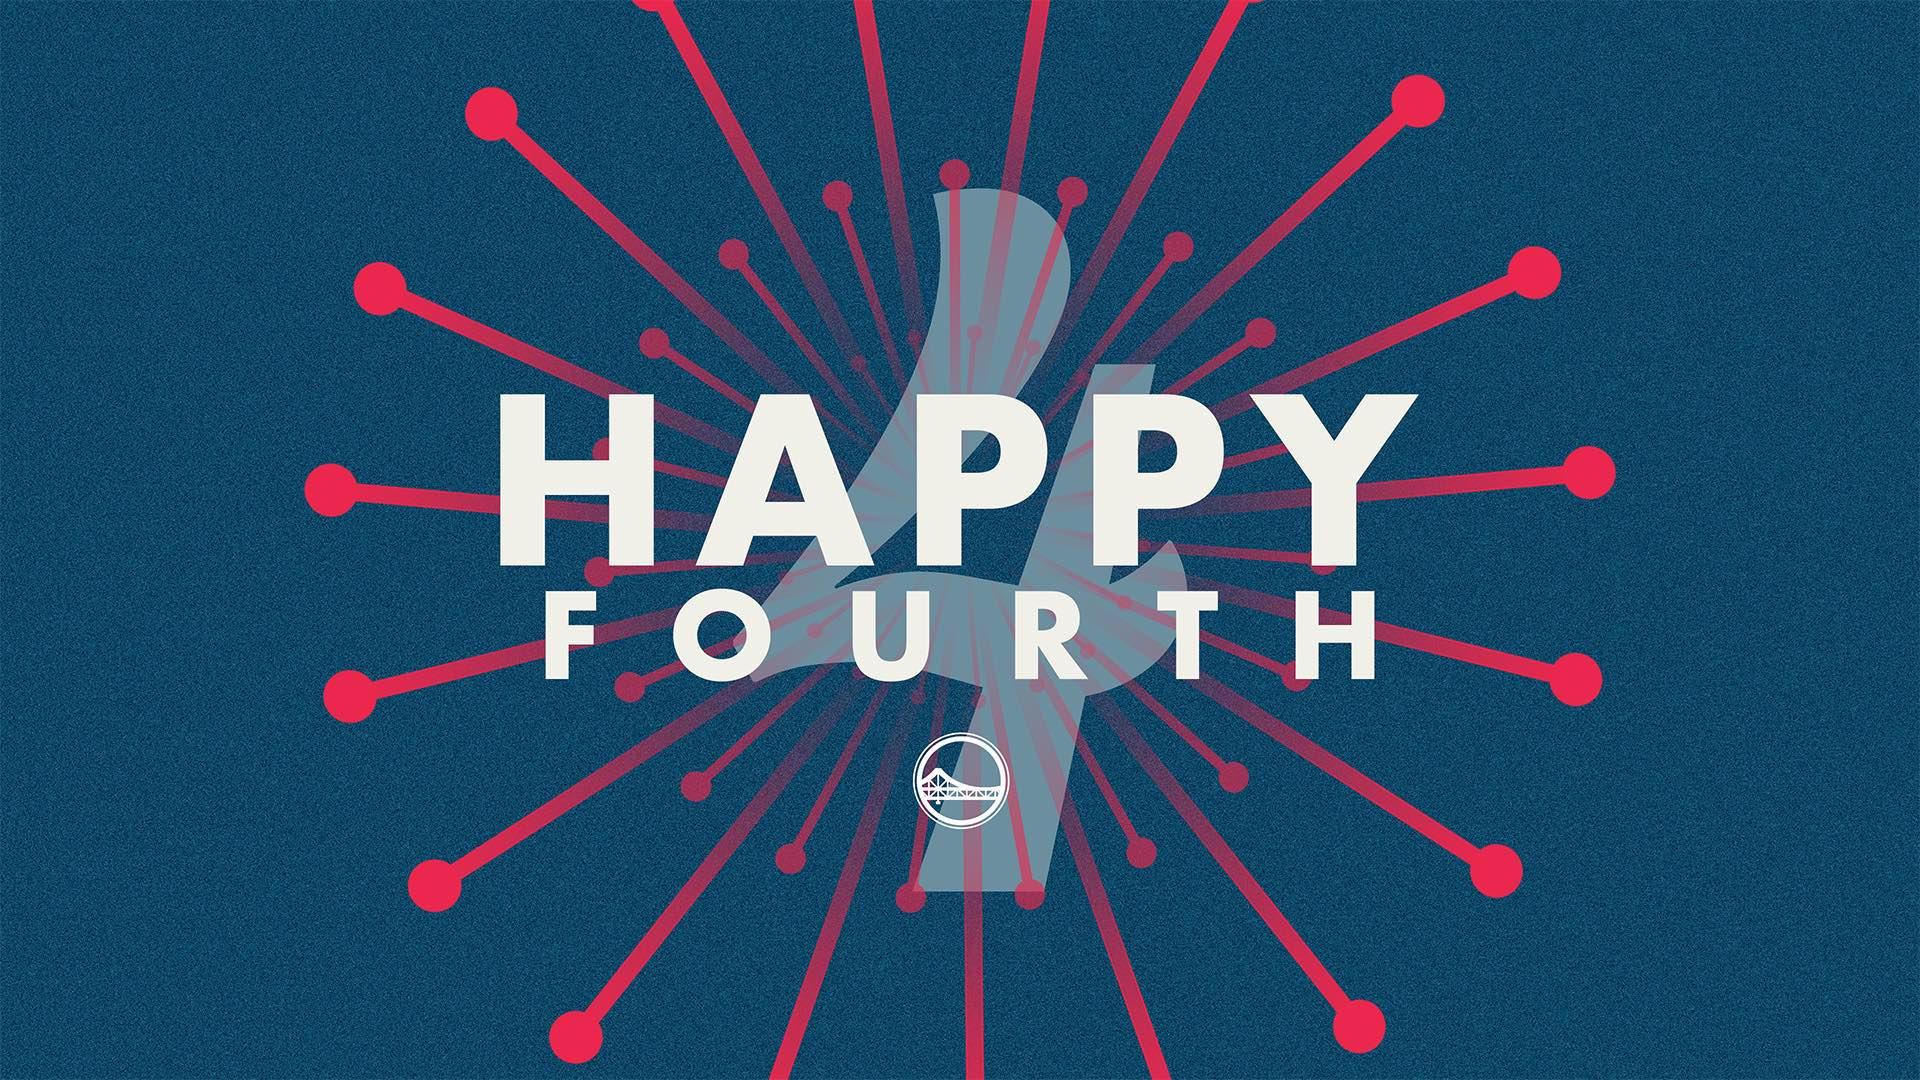 Happy Fourth